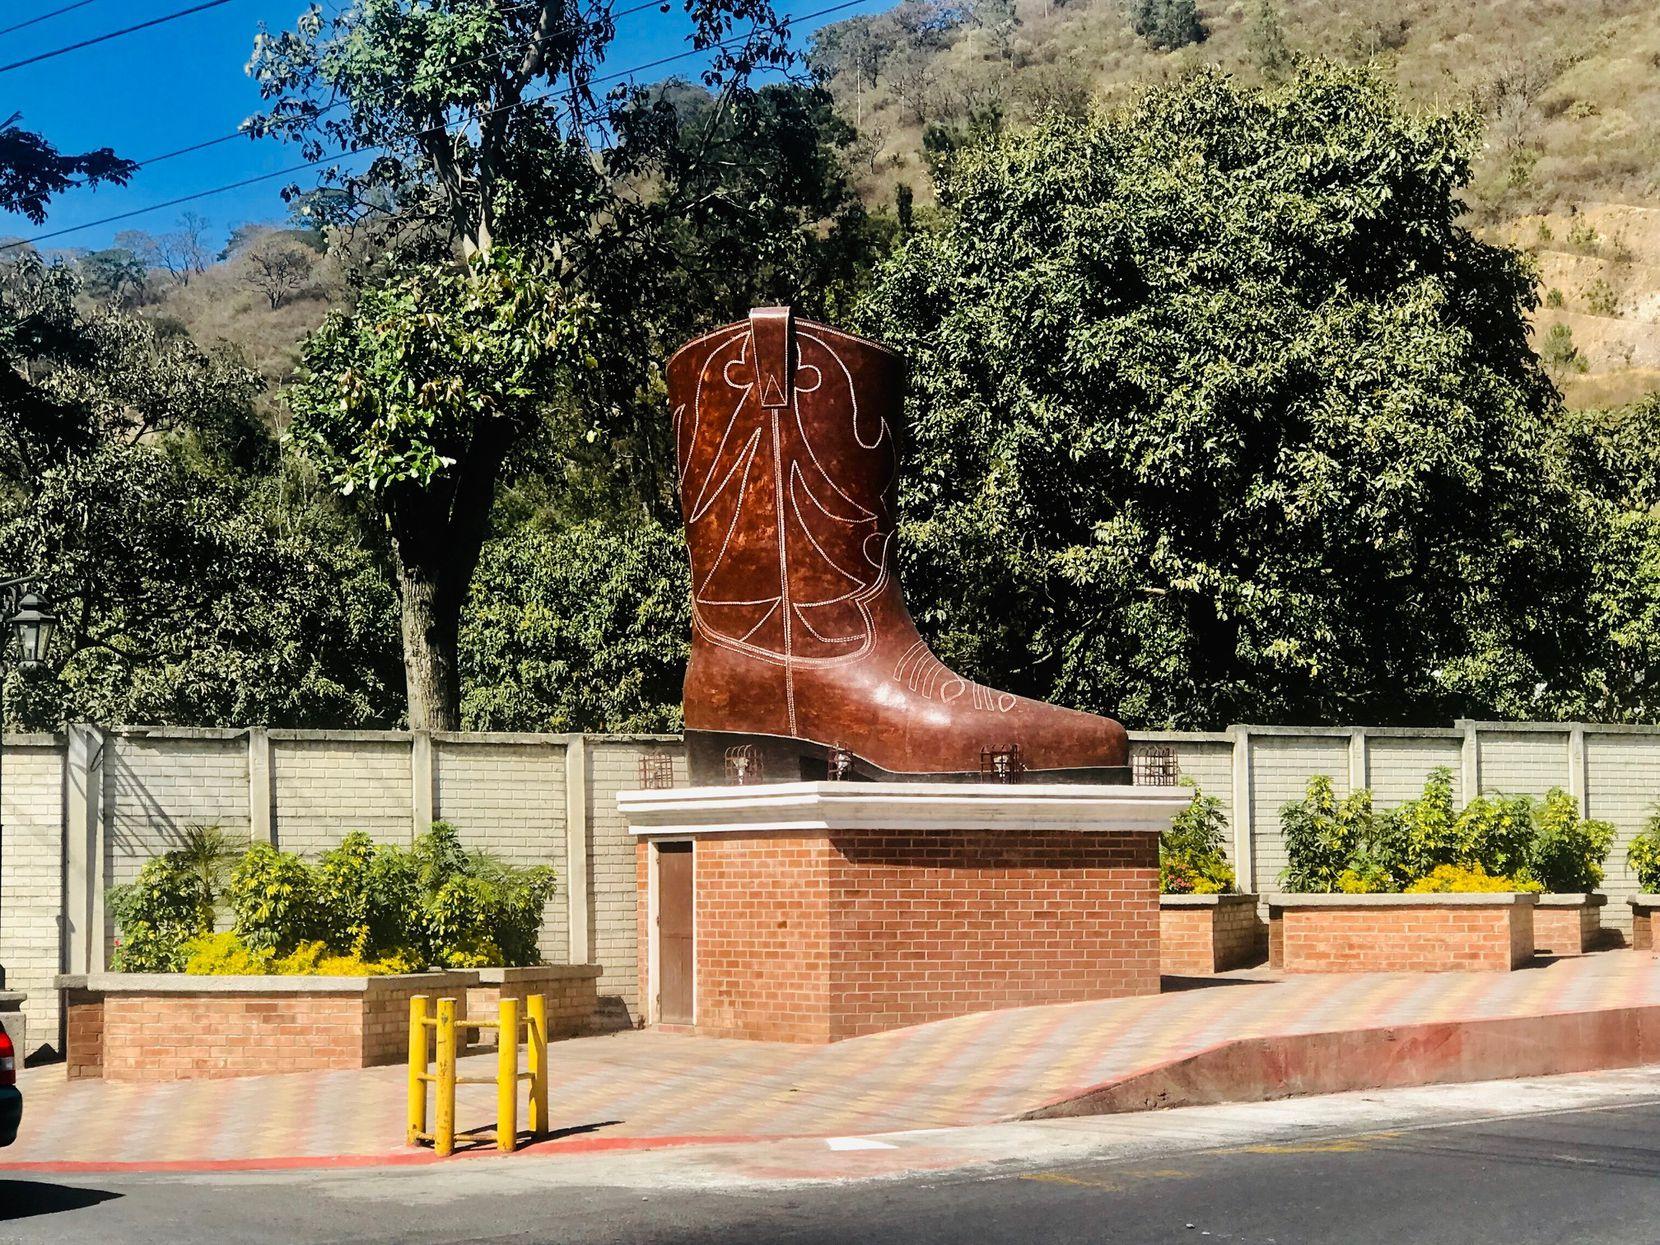 Una estatua de una bota vaquera adorna la entrada de Pastores, Sacatepequez, en Guatemala. ALFREDO CORCHADO